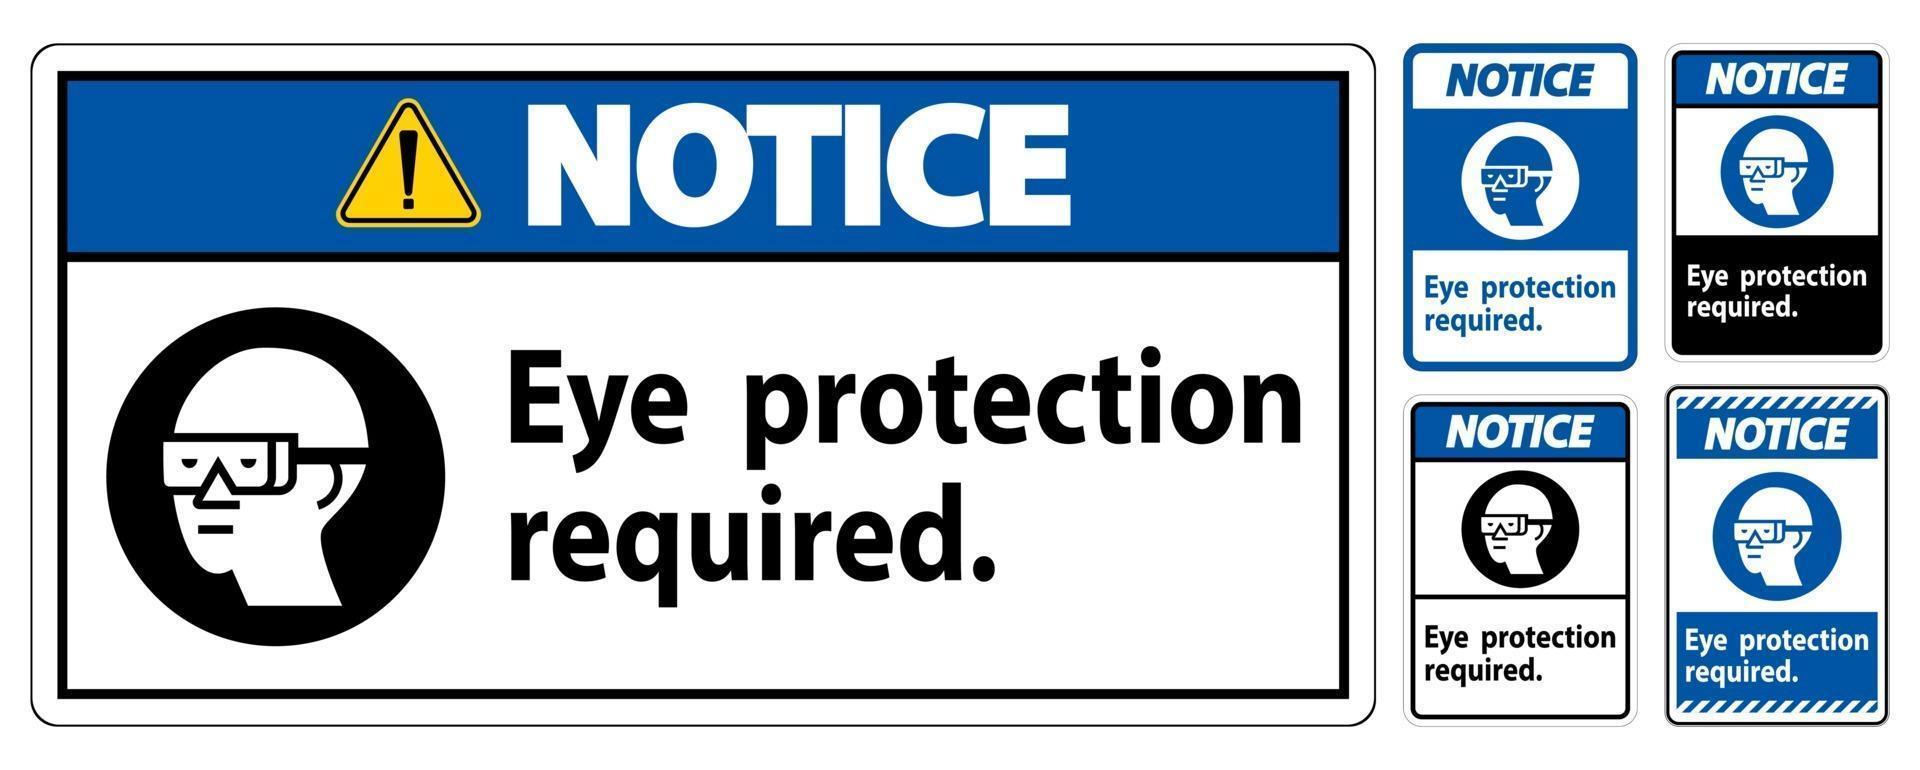 varningstecken ögonskydd krävs symbol isolera på vit bakgrund vektor